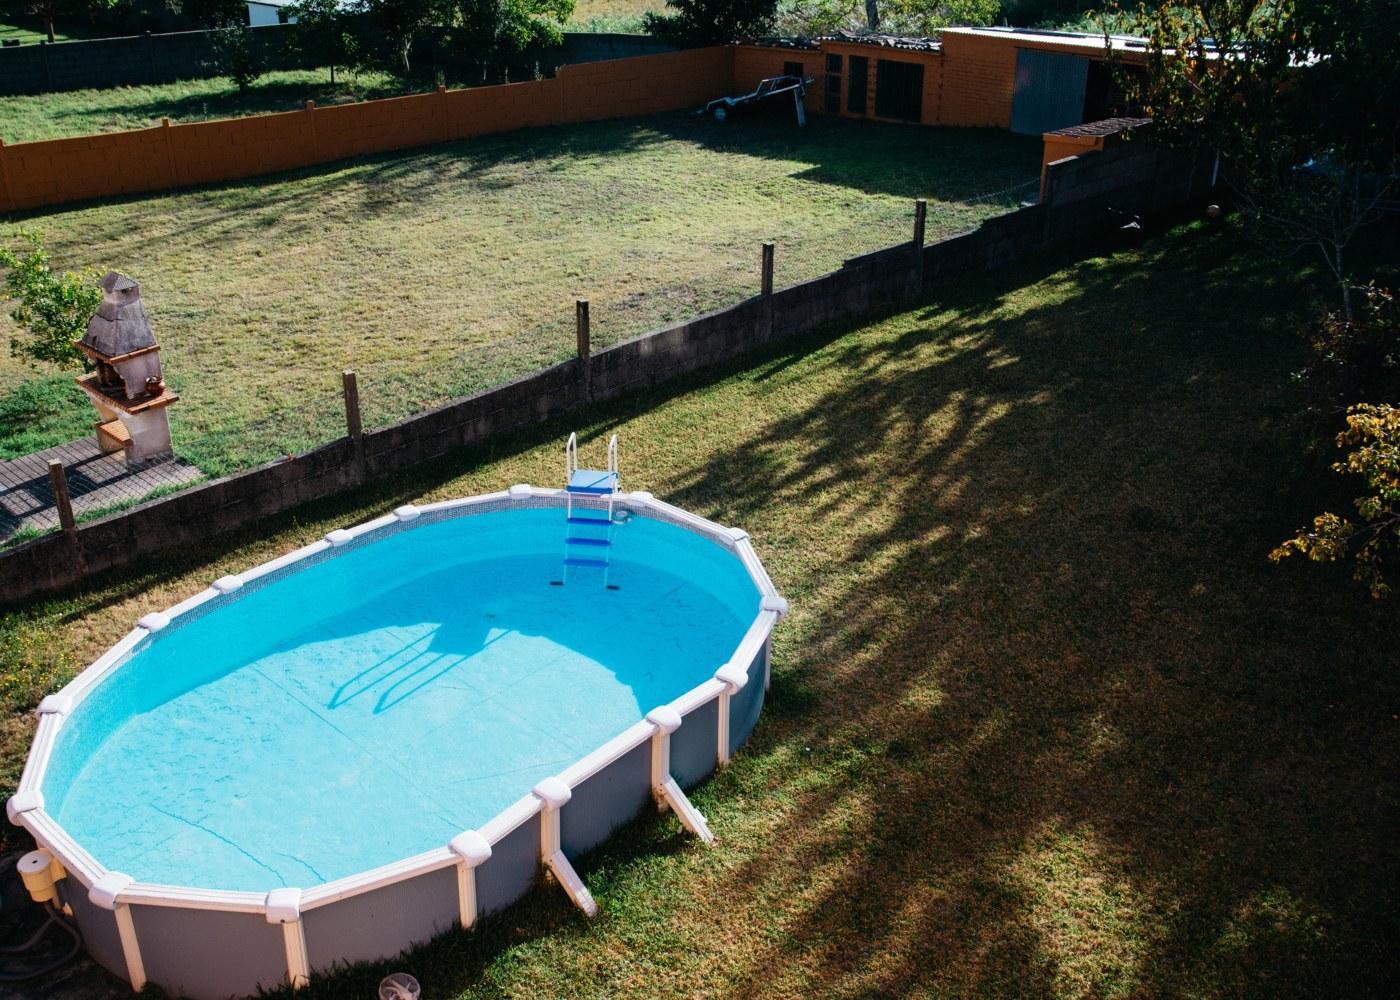 quanta custa uma piscina de superfície